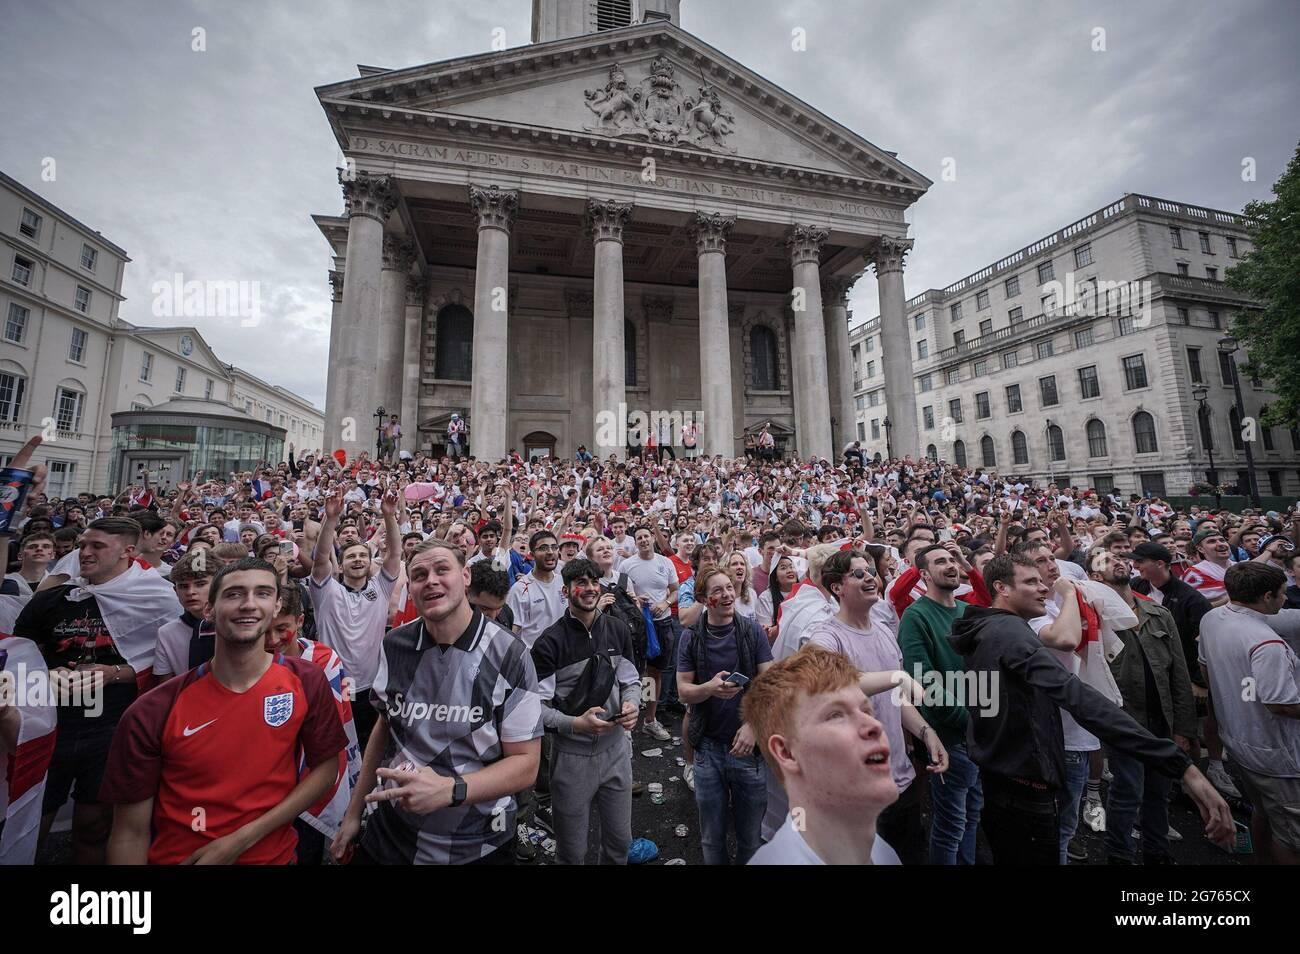 Londres, Royaume-Uni. 11 juillet 2021. Euro 2020 : les fans se rassemblent à Westminster avant la finale du match entre l'Angleterre et l'Italie. Credit: Guy Corbishley/Alamy Live News Banque D'Images